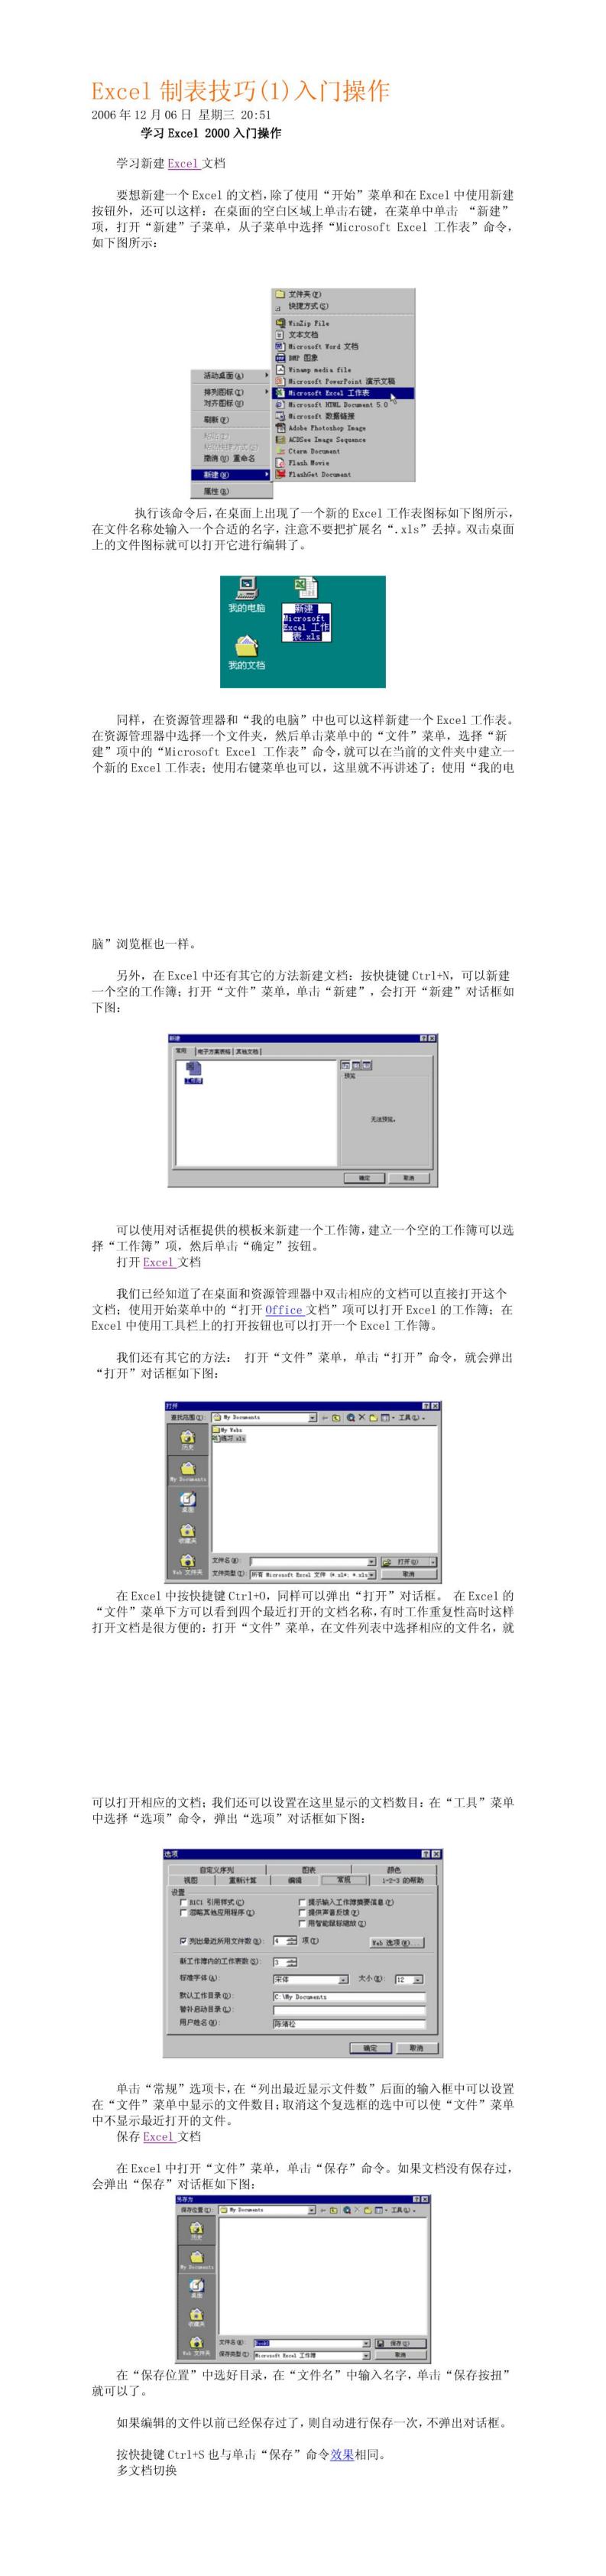 Excel制表技巧+NO_00.png